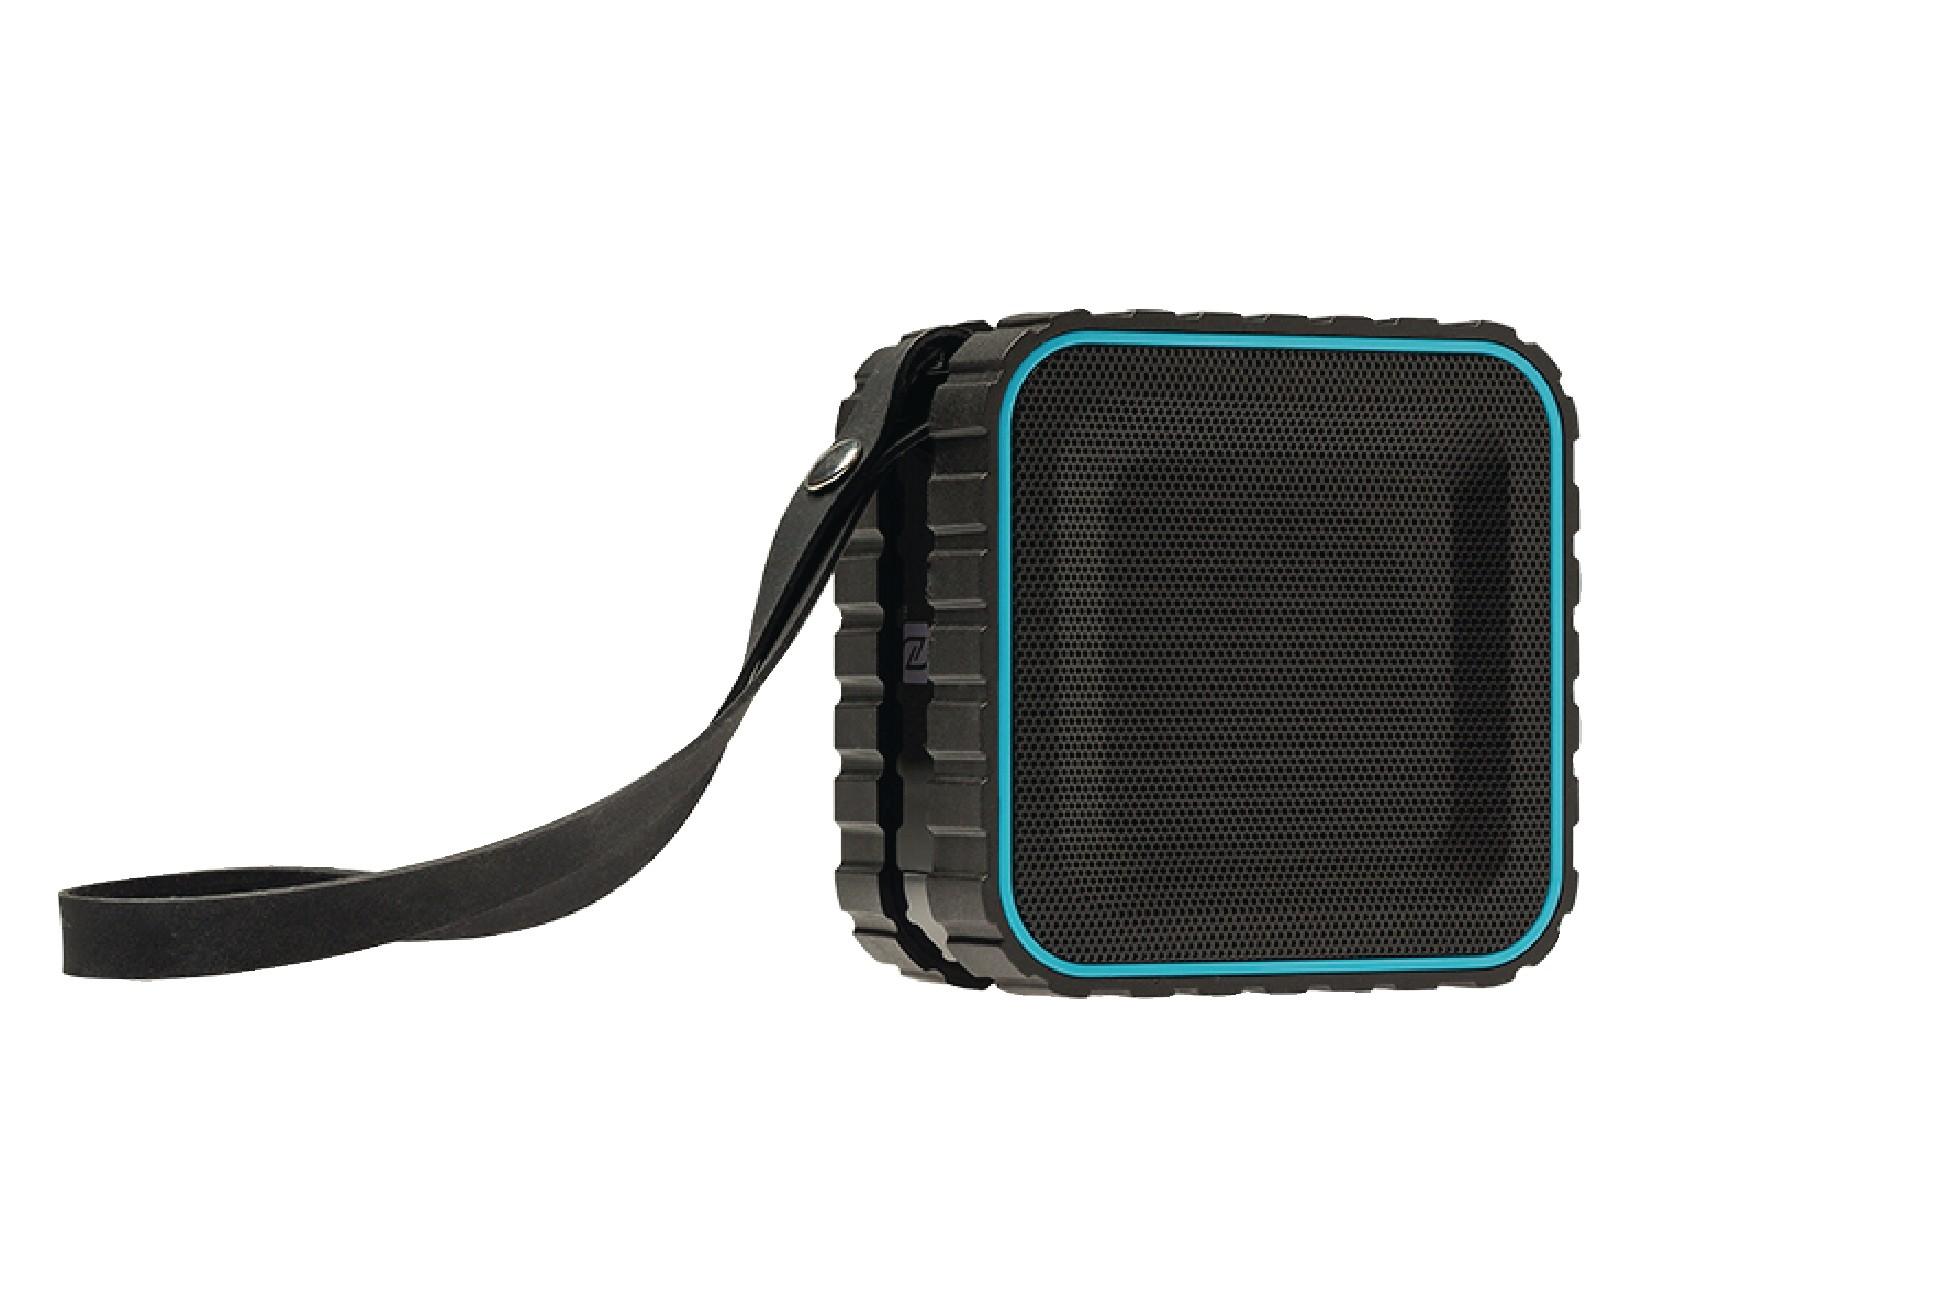 Draadloze Bluetooth speaker 3W RMS met NFC